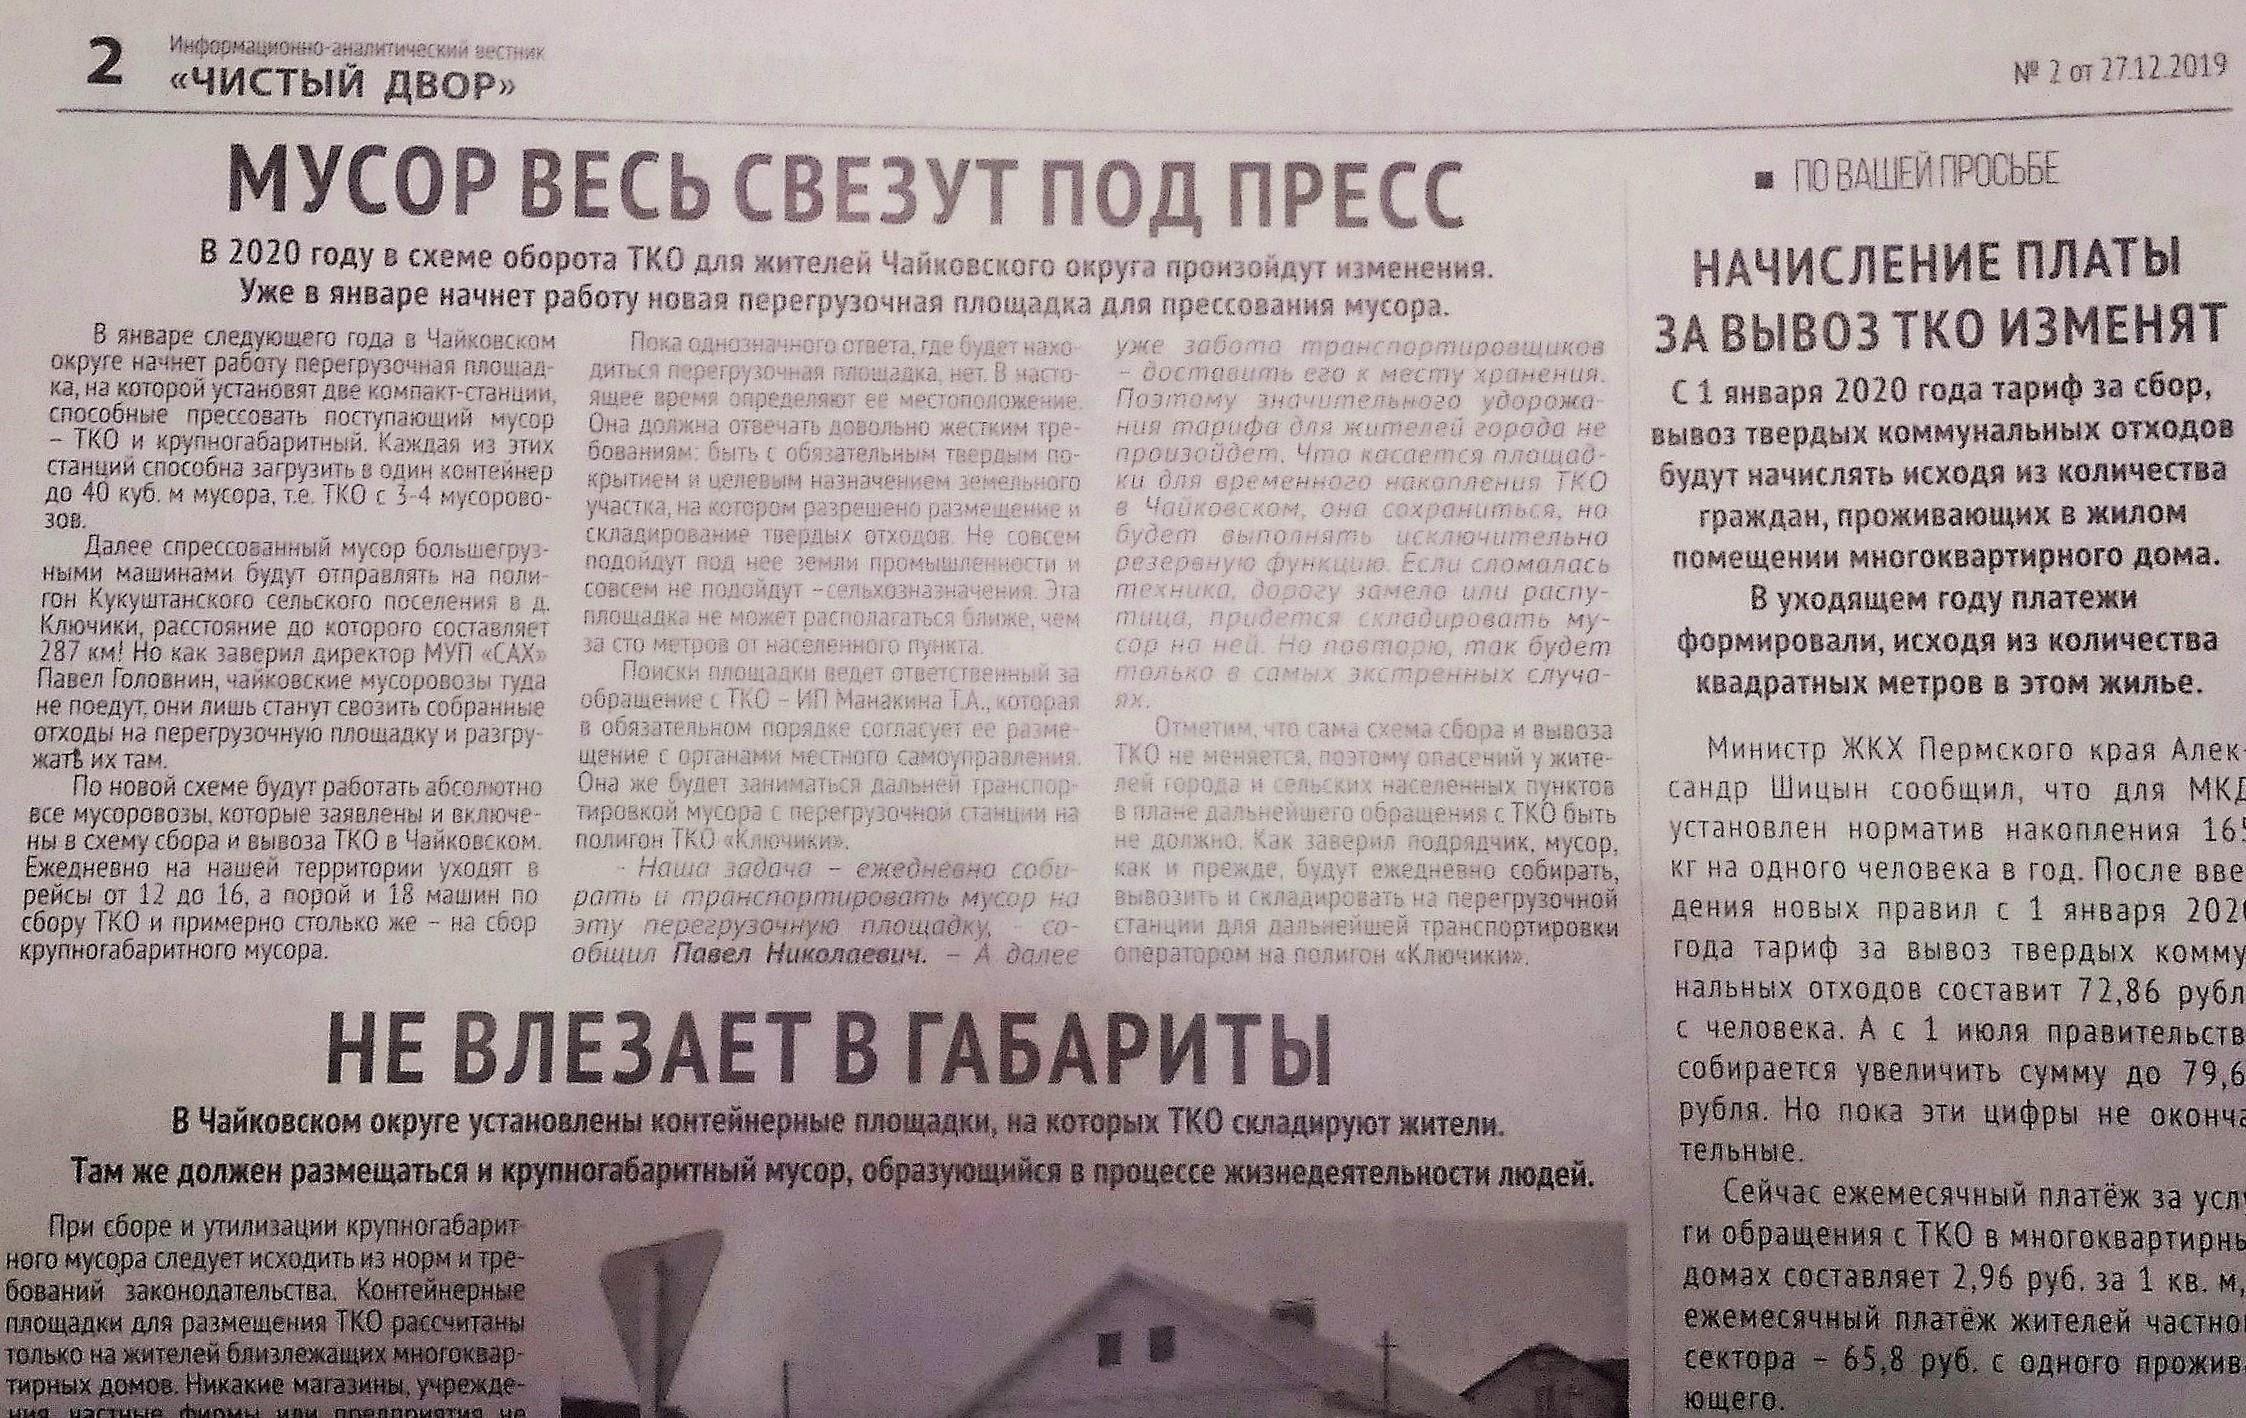 полигон ТКО, чайковский район, 2020 год